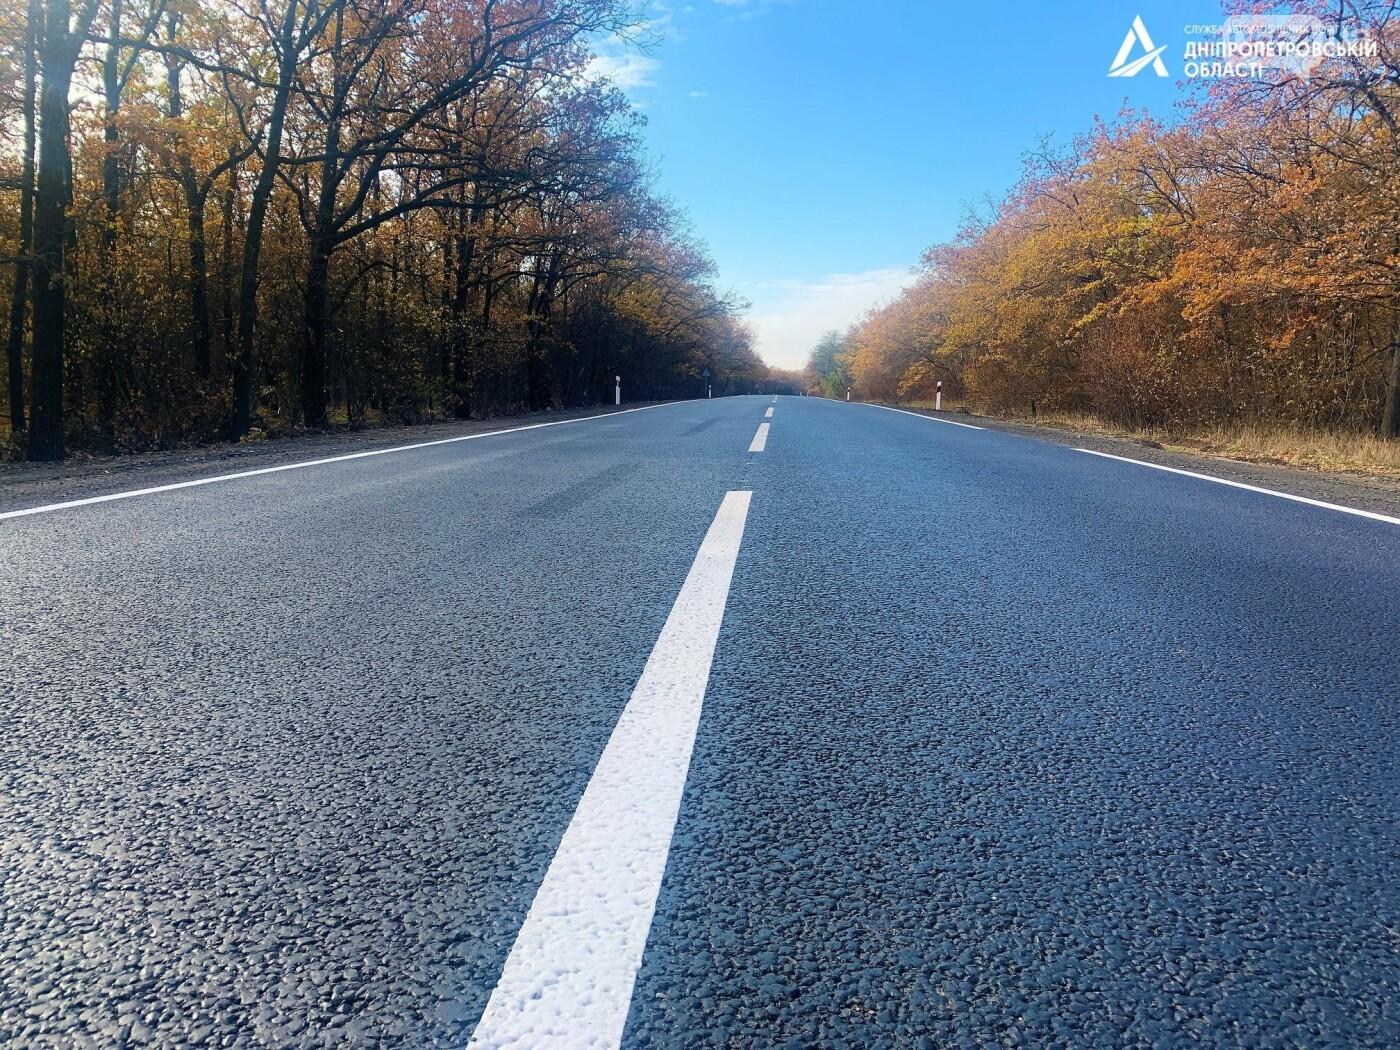 Завершается ремонт трассы Кривой Рог - Николаев  - дорожники наносят разметку и устанавливают знаки, - ФОТО , фото-2